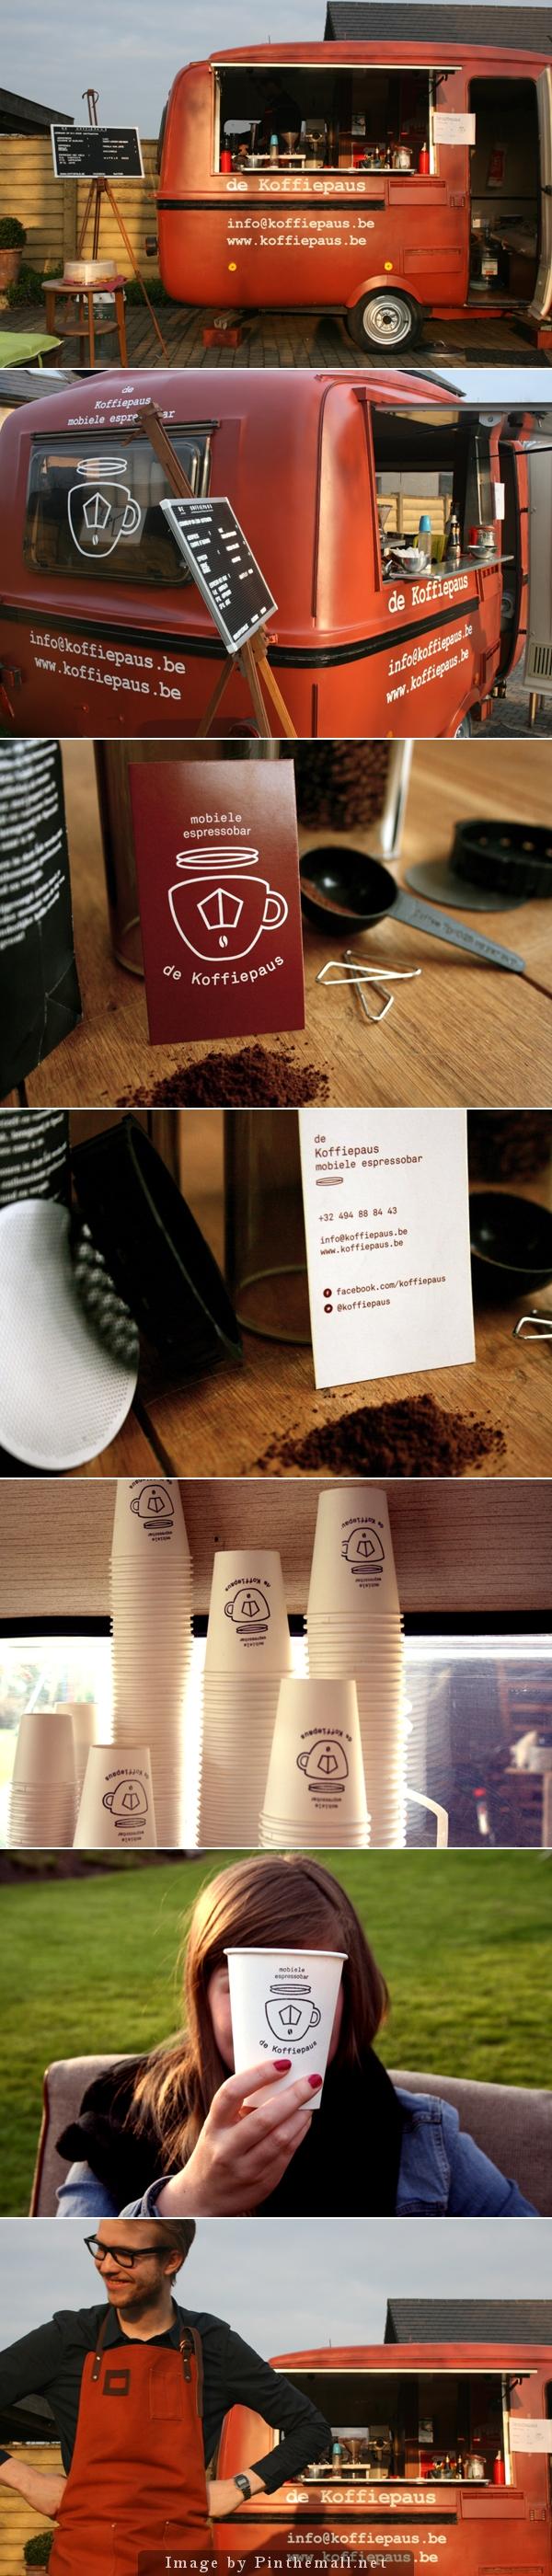 The Coffeepope by Rachelle Dufour https://www.behance.net/gallery/13661895/The-Coffeepope